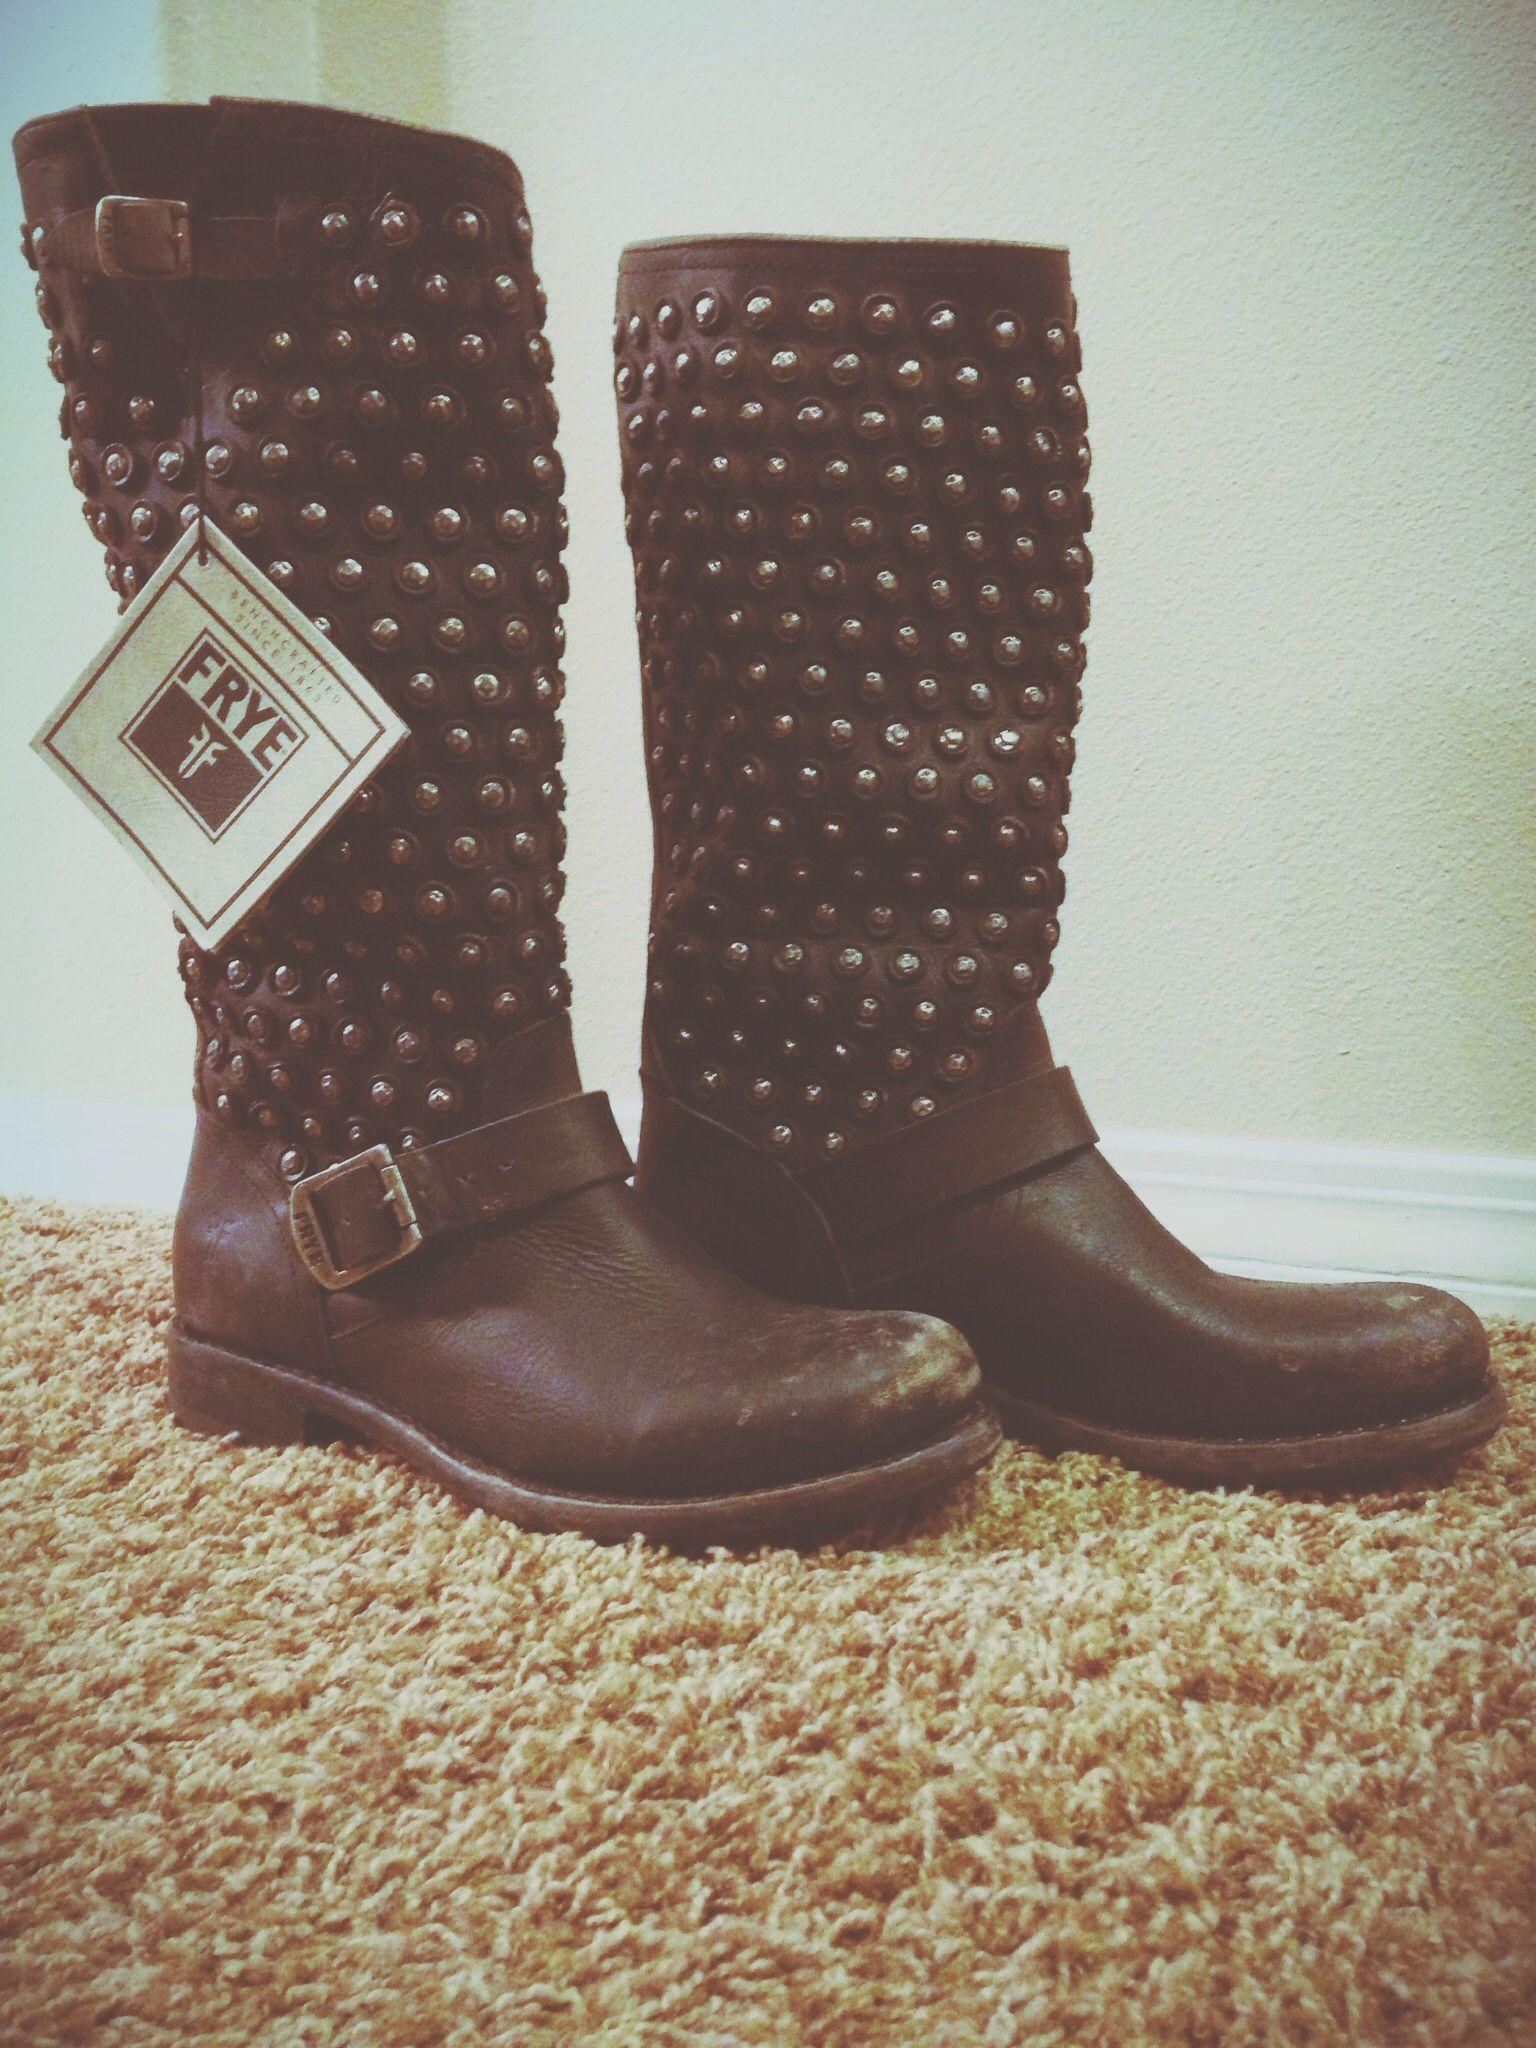 Frye Boots In Love